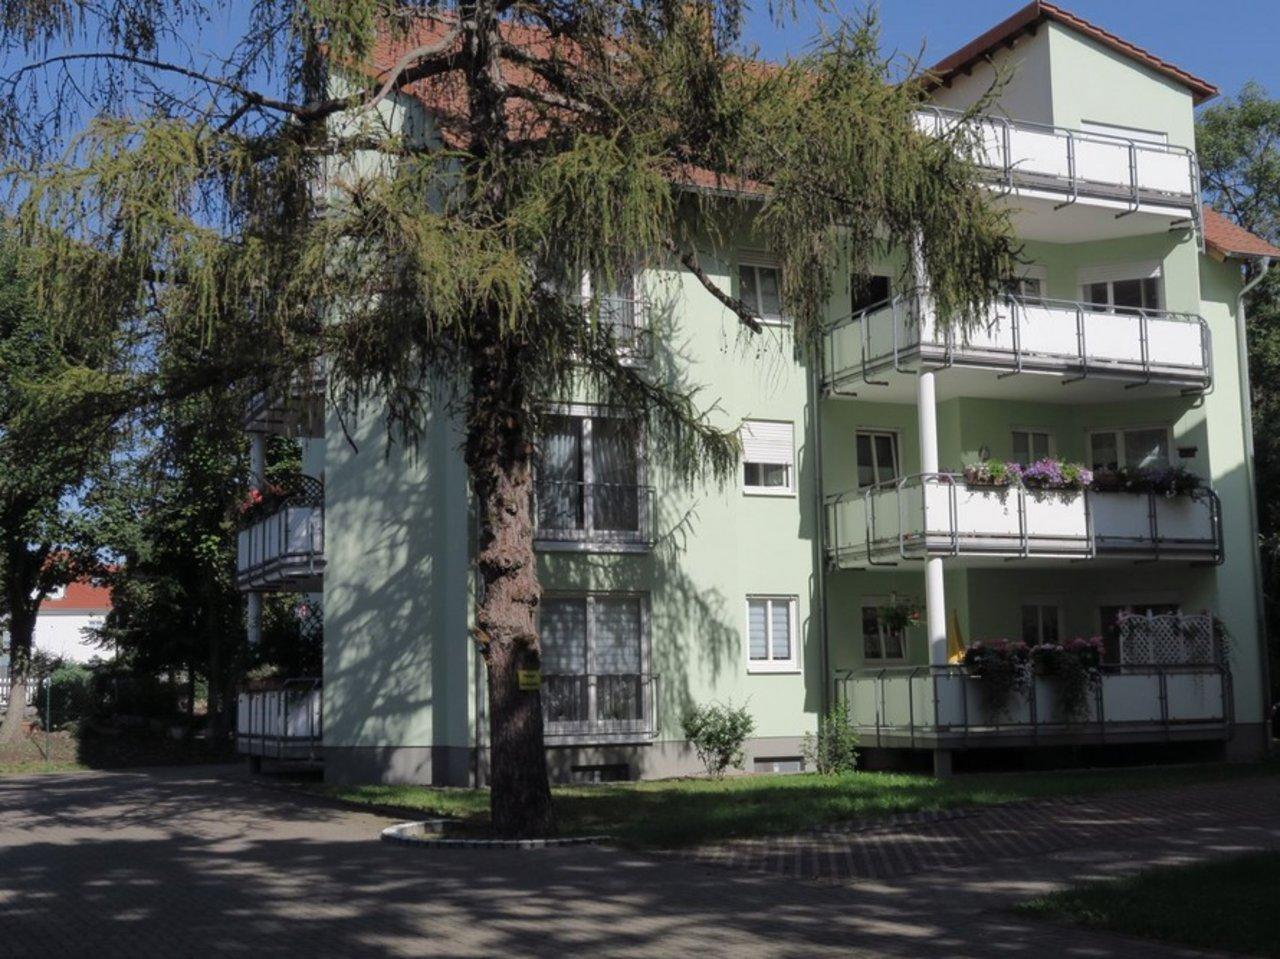 Solide Anlage! Charmante, vermietete DG-Eigentumswohnung in Arnstadt-Hausansicht